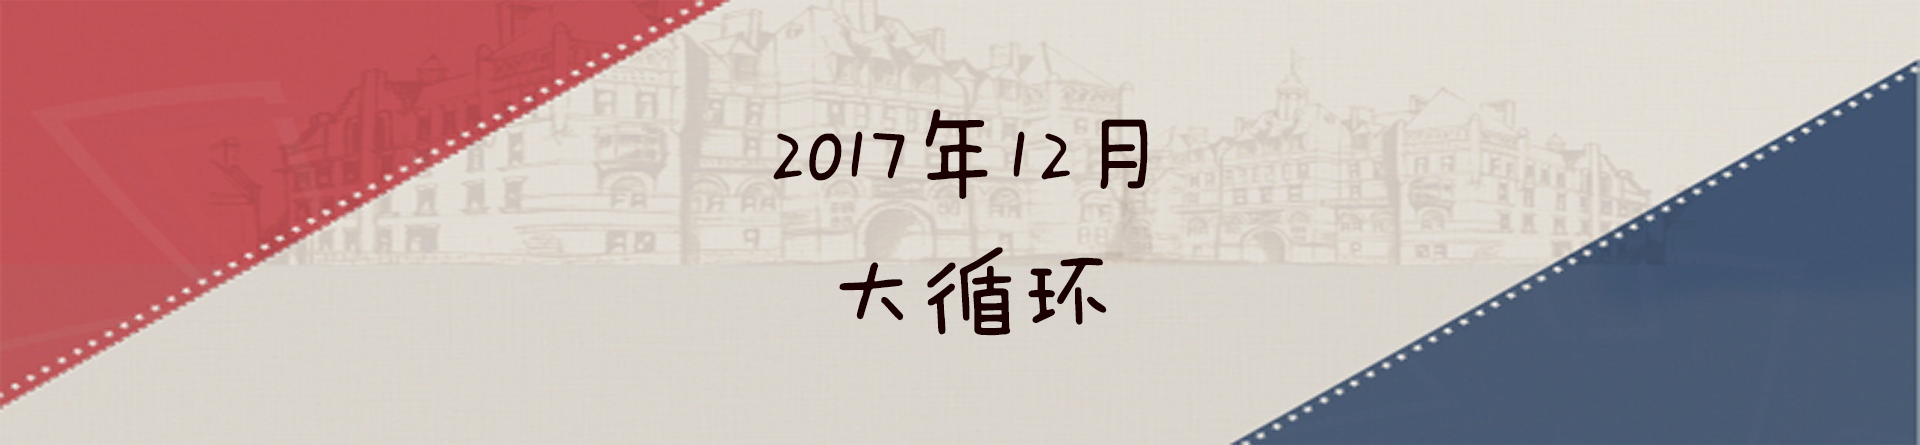 2017年12月大循环